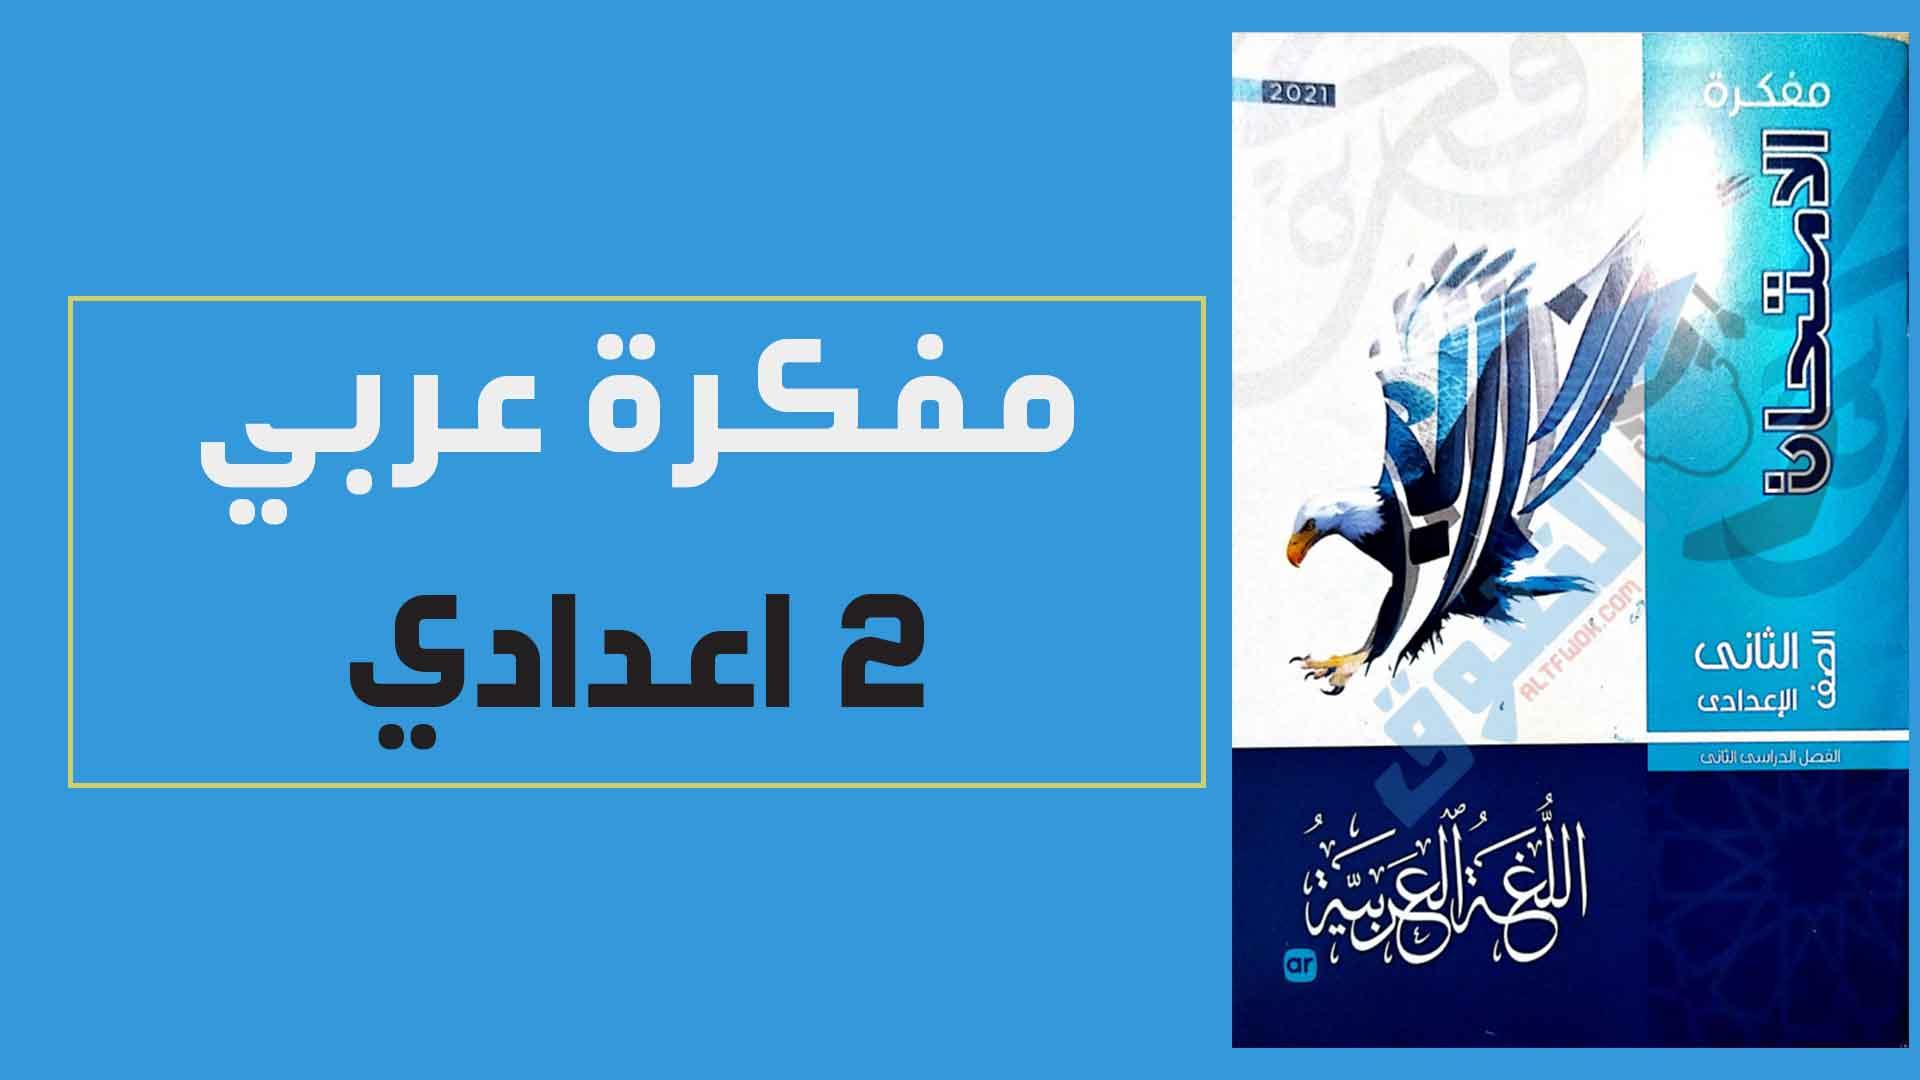 تحميل مفكرة كتاب الامتحان فى اللغة العربية للصف الثانى الاعدادى الترم الثانى 2021 pdf